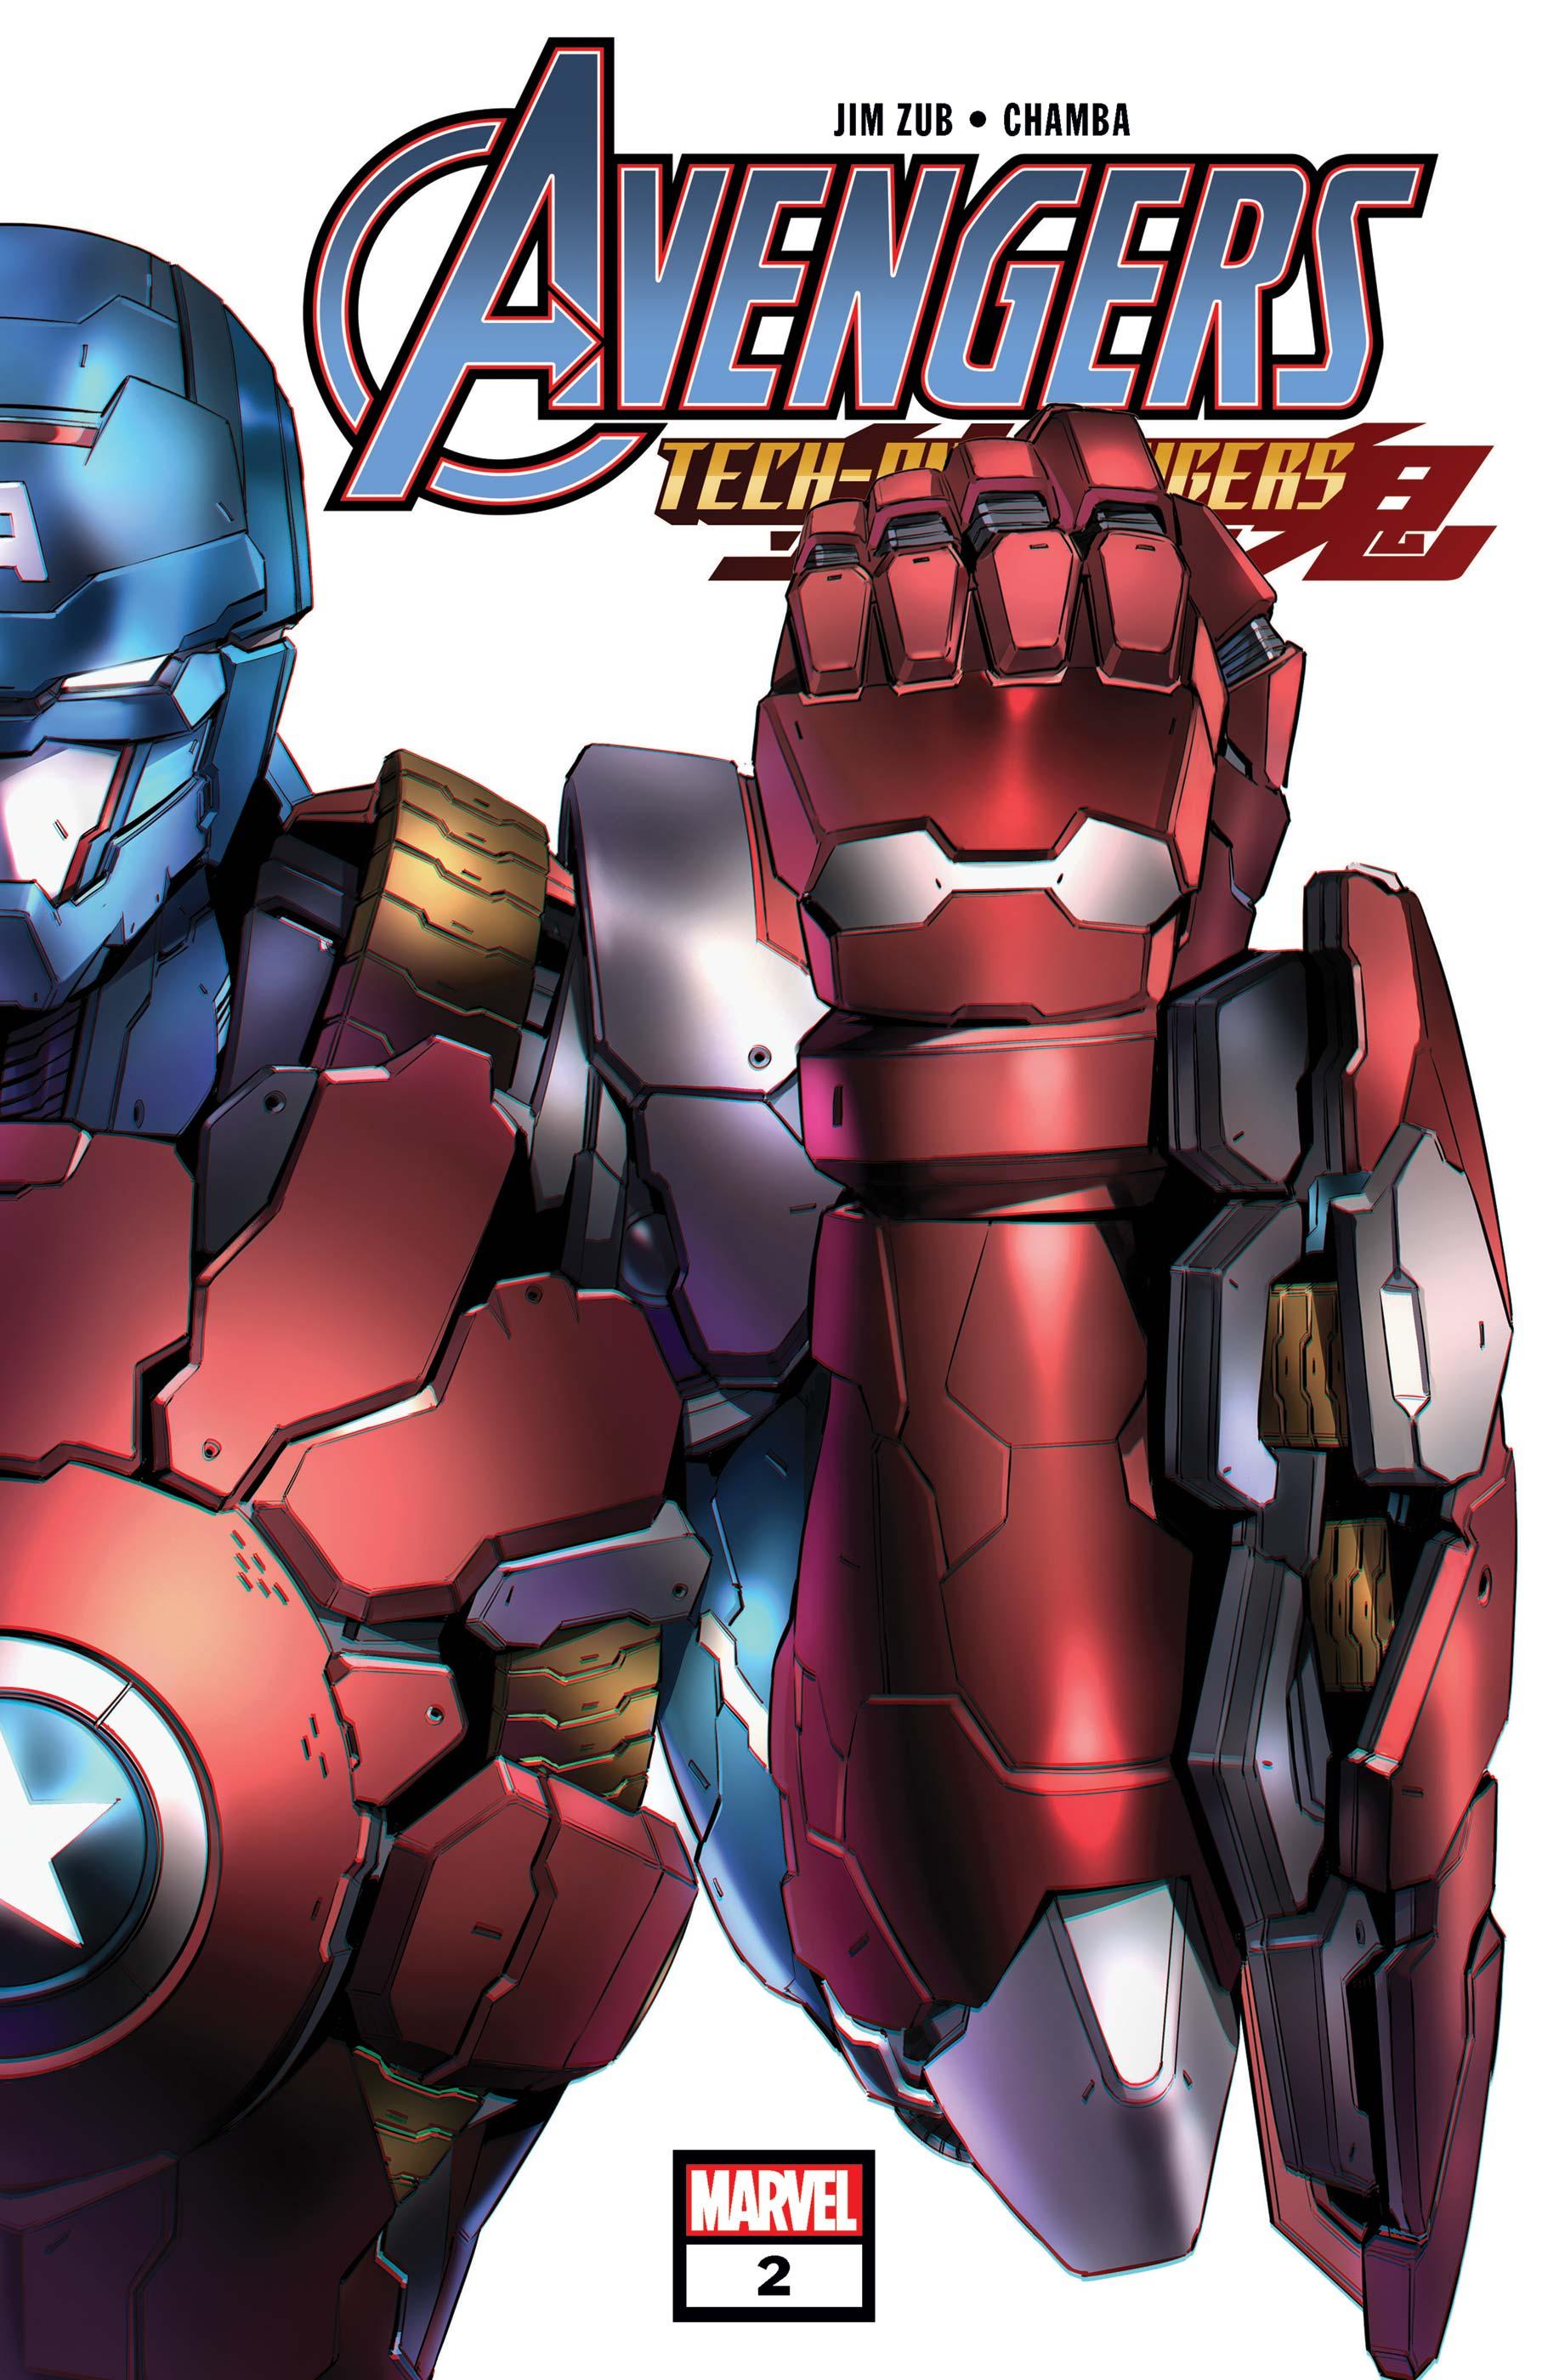 Avengers: Tech-on (2021) #2